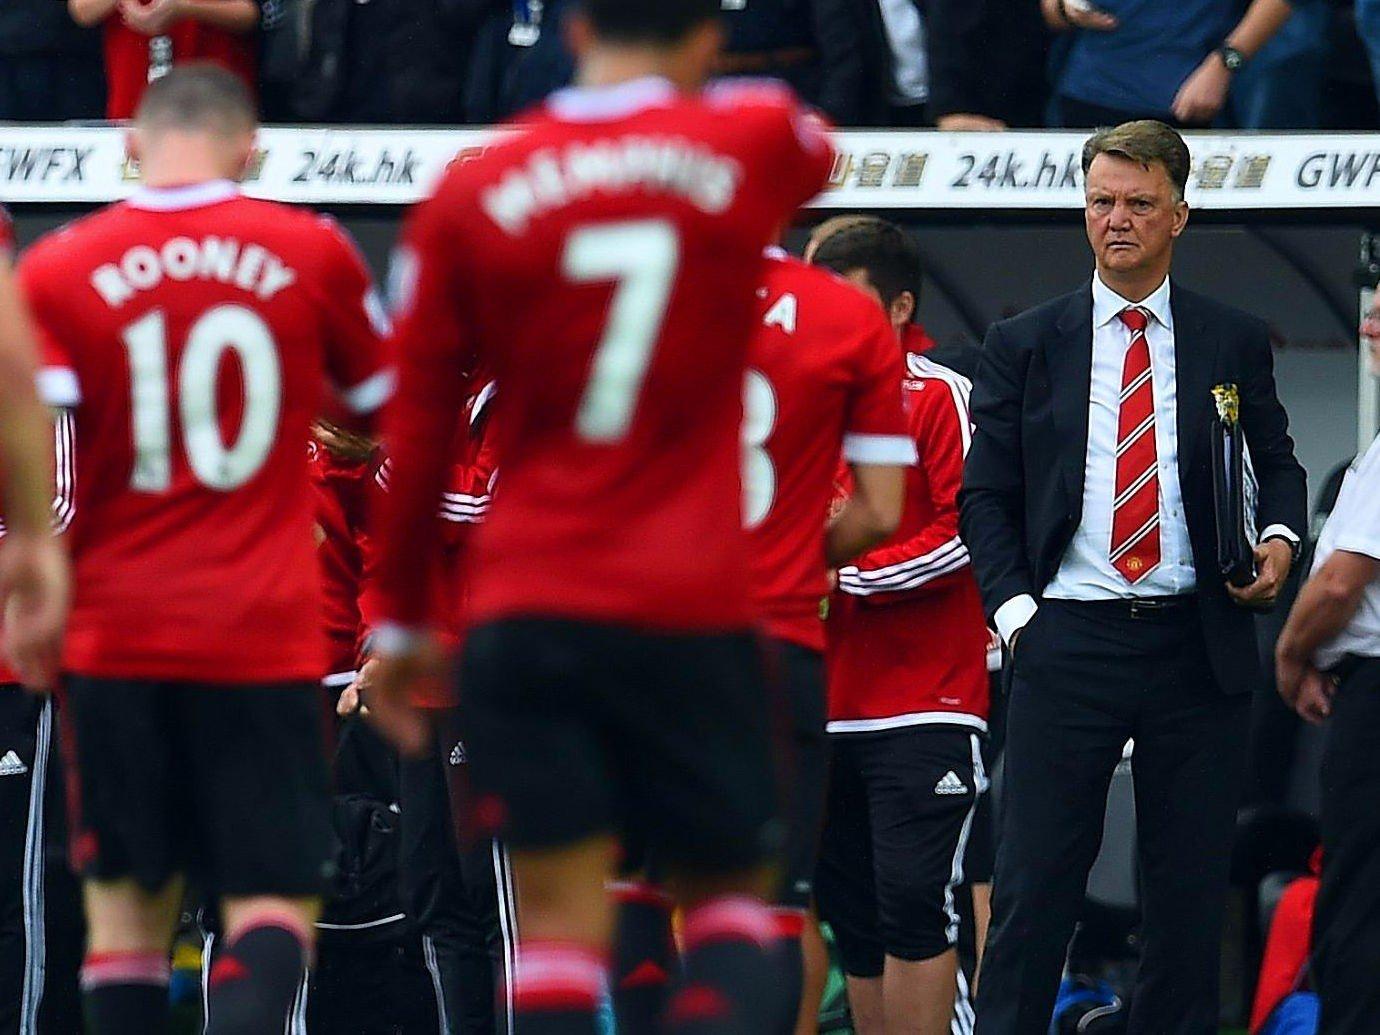 KLAR IGJEN: Manager Louis van Gaal fikk se spillerne sine gå slukøret av banen etter tapet for Swanse før landslagspausen. Nå forsvarer han Wayne Rooney, som er blitt Man. Uniteds største hakkekylling blant kritikerne.